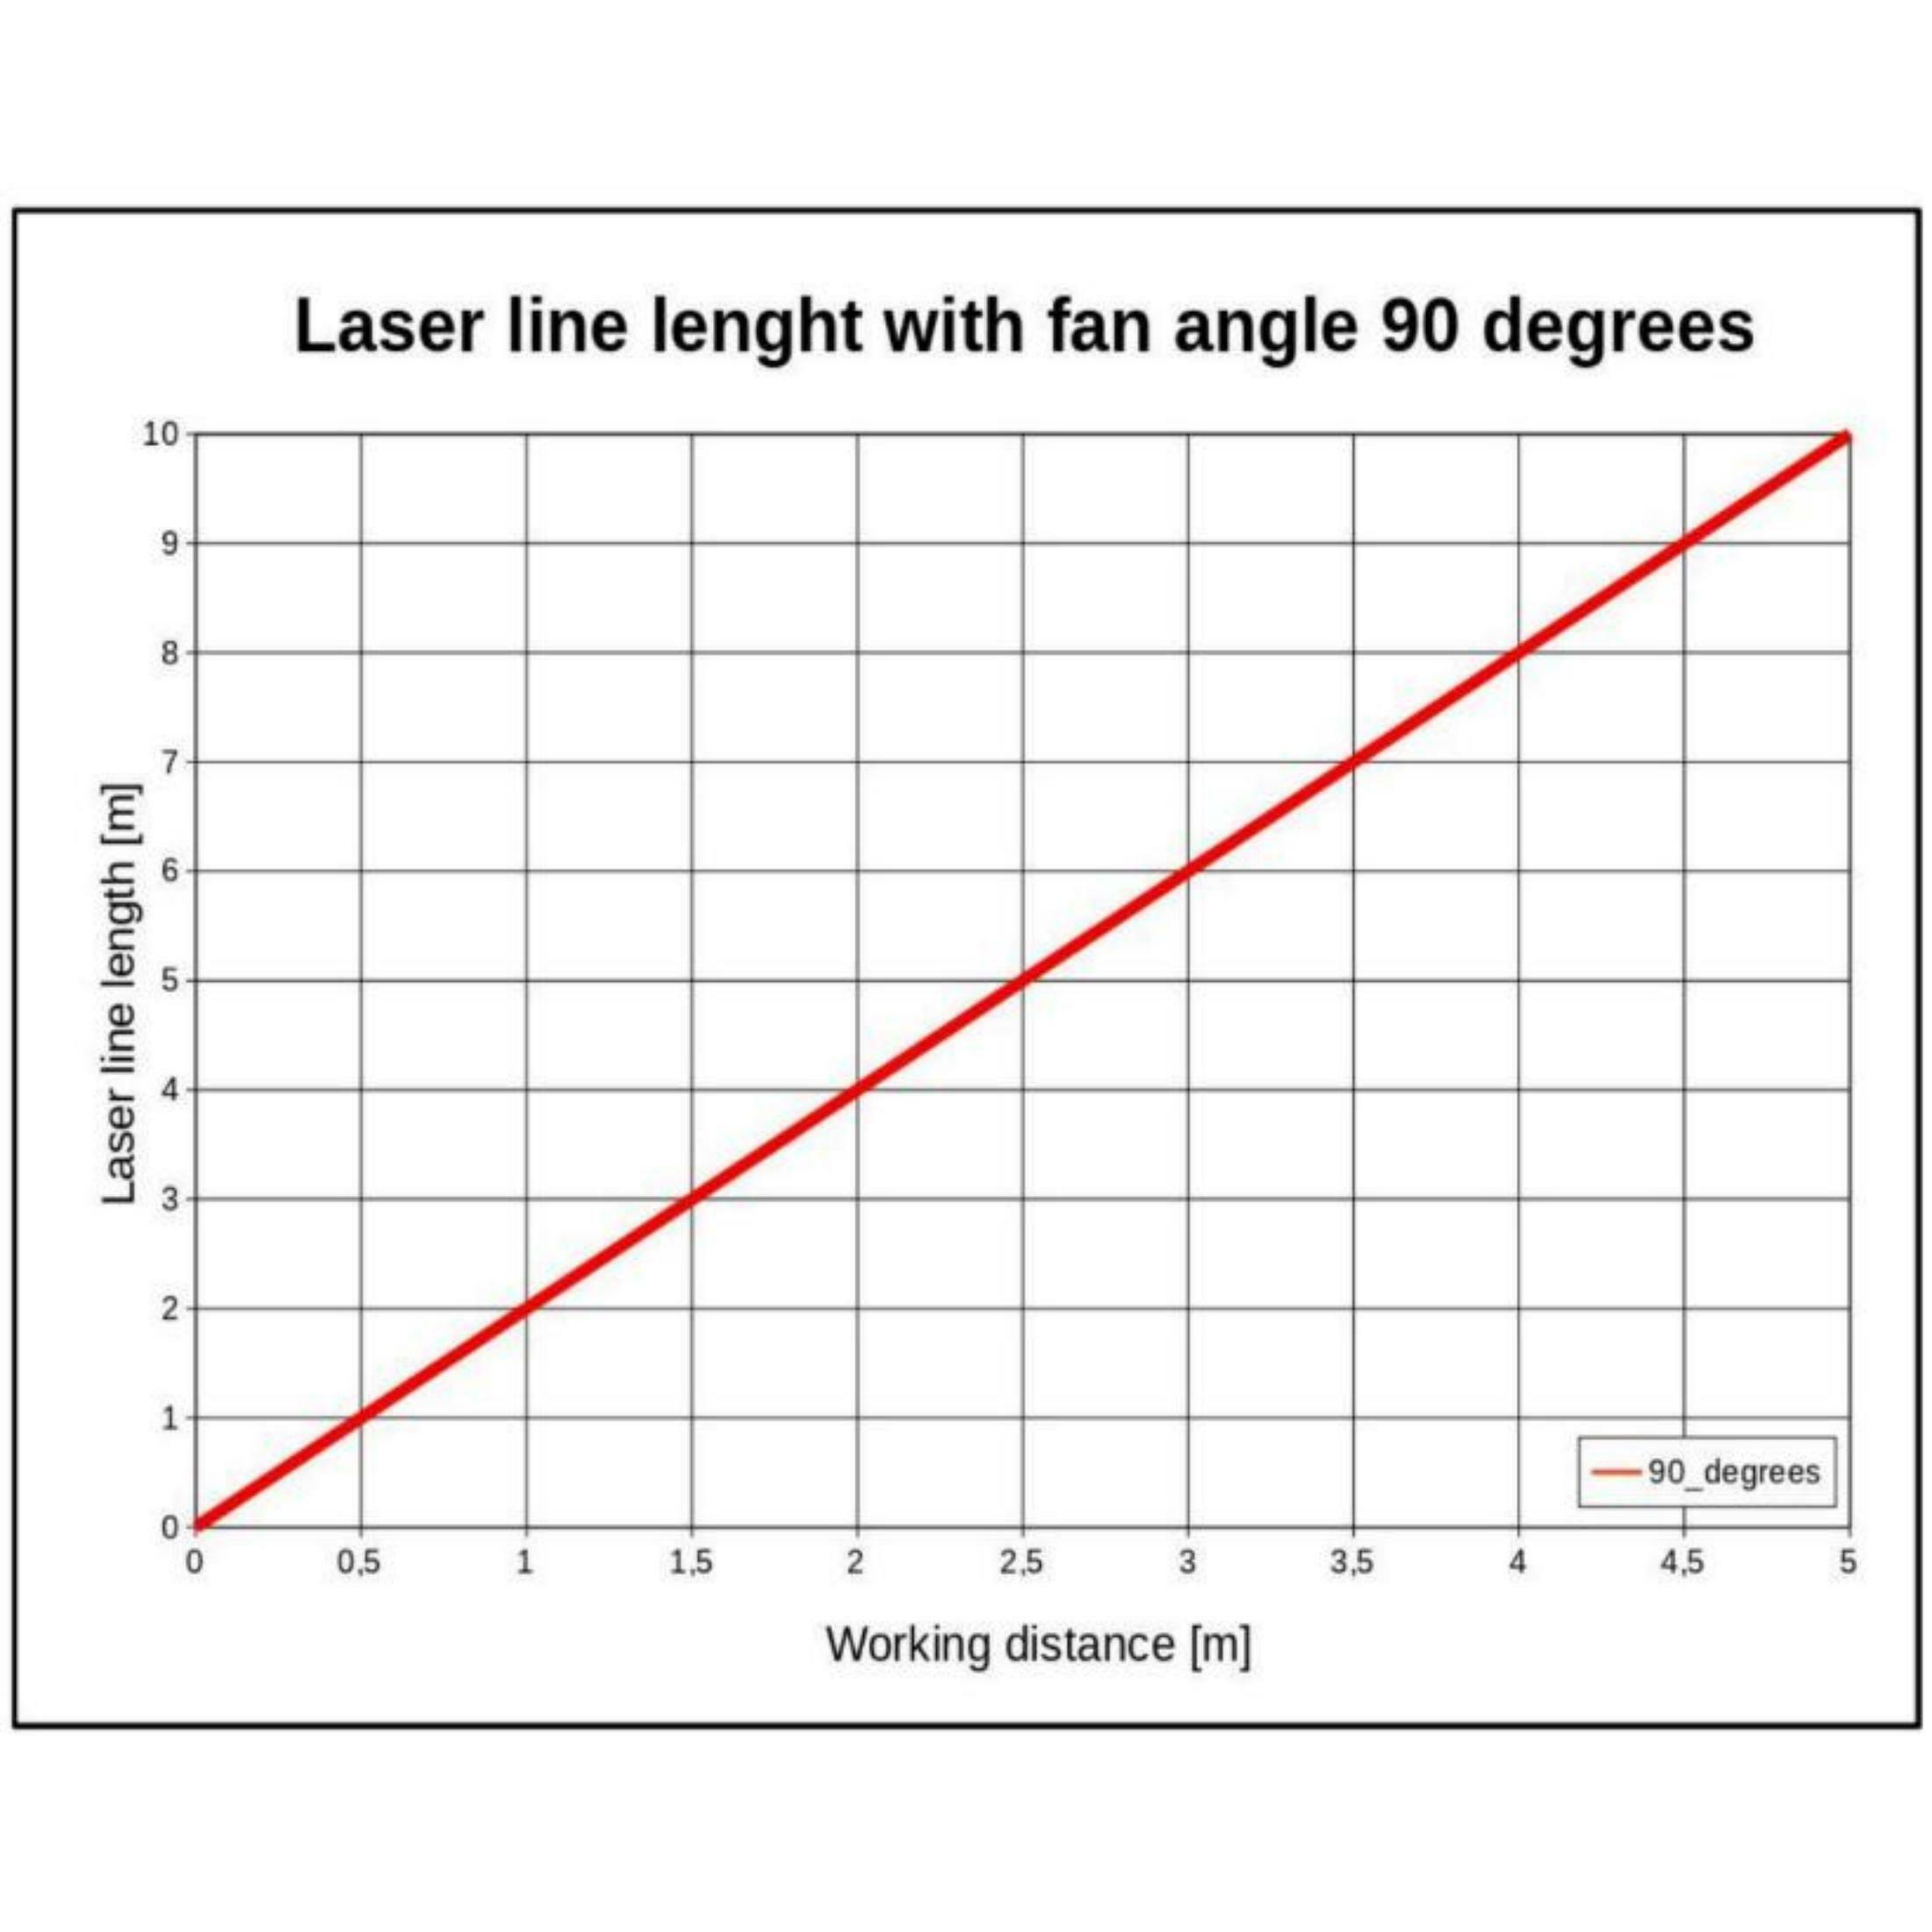 Laserfuchs Laser LFL635-5-4.5(9x20)90